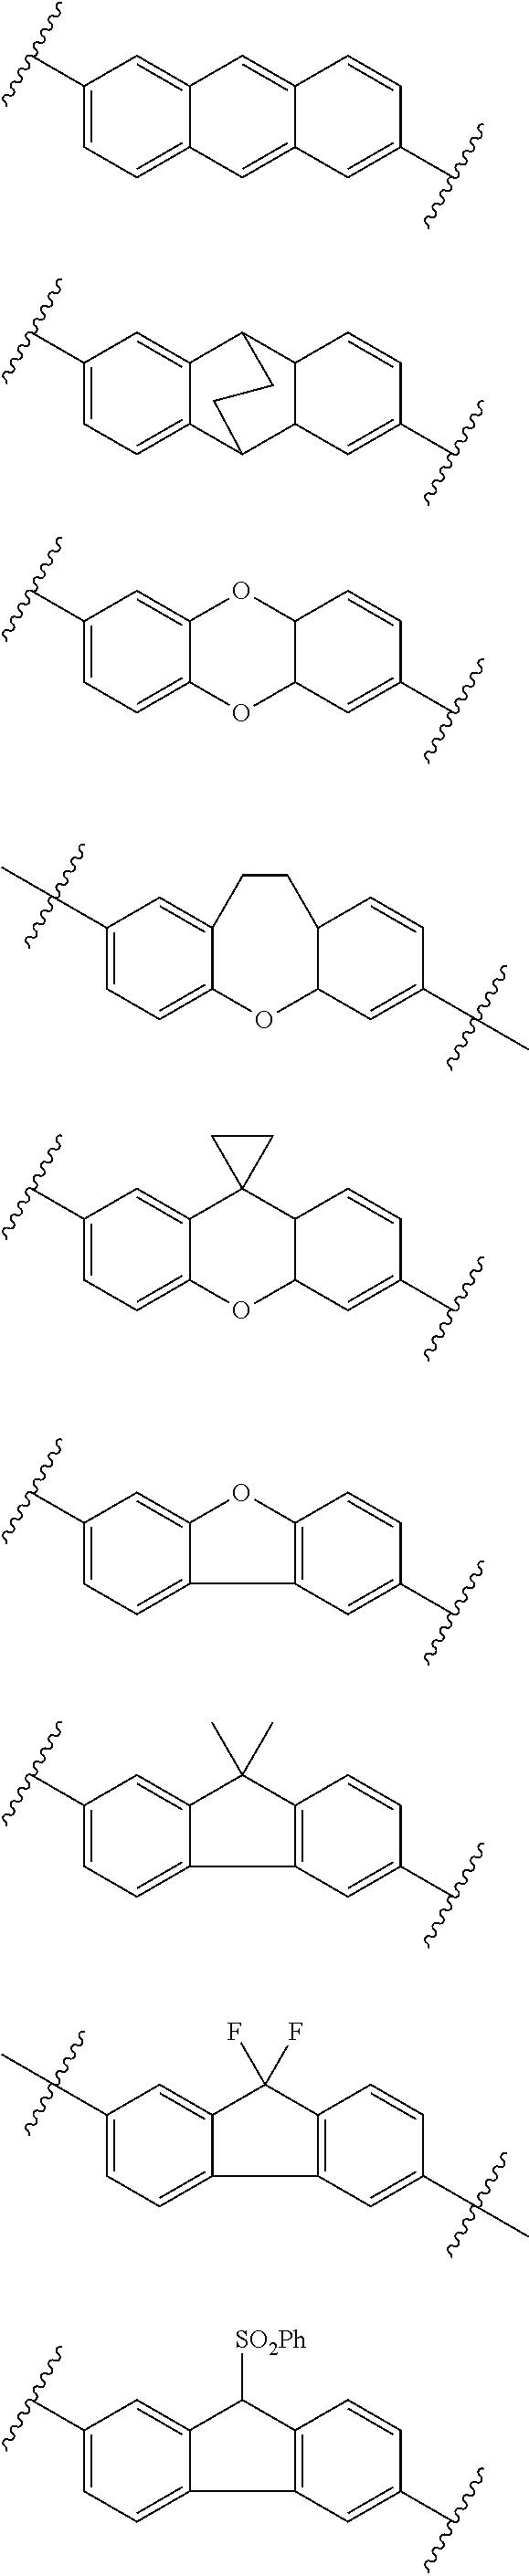 Figure US08933110-20150113-C00015